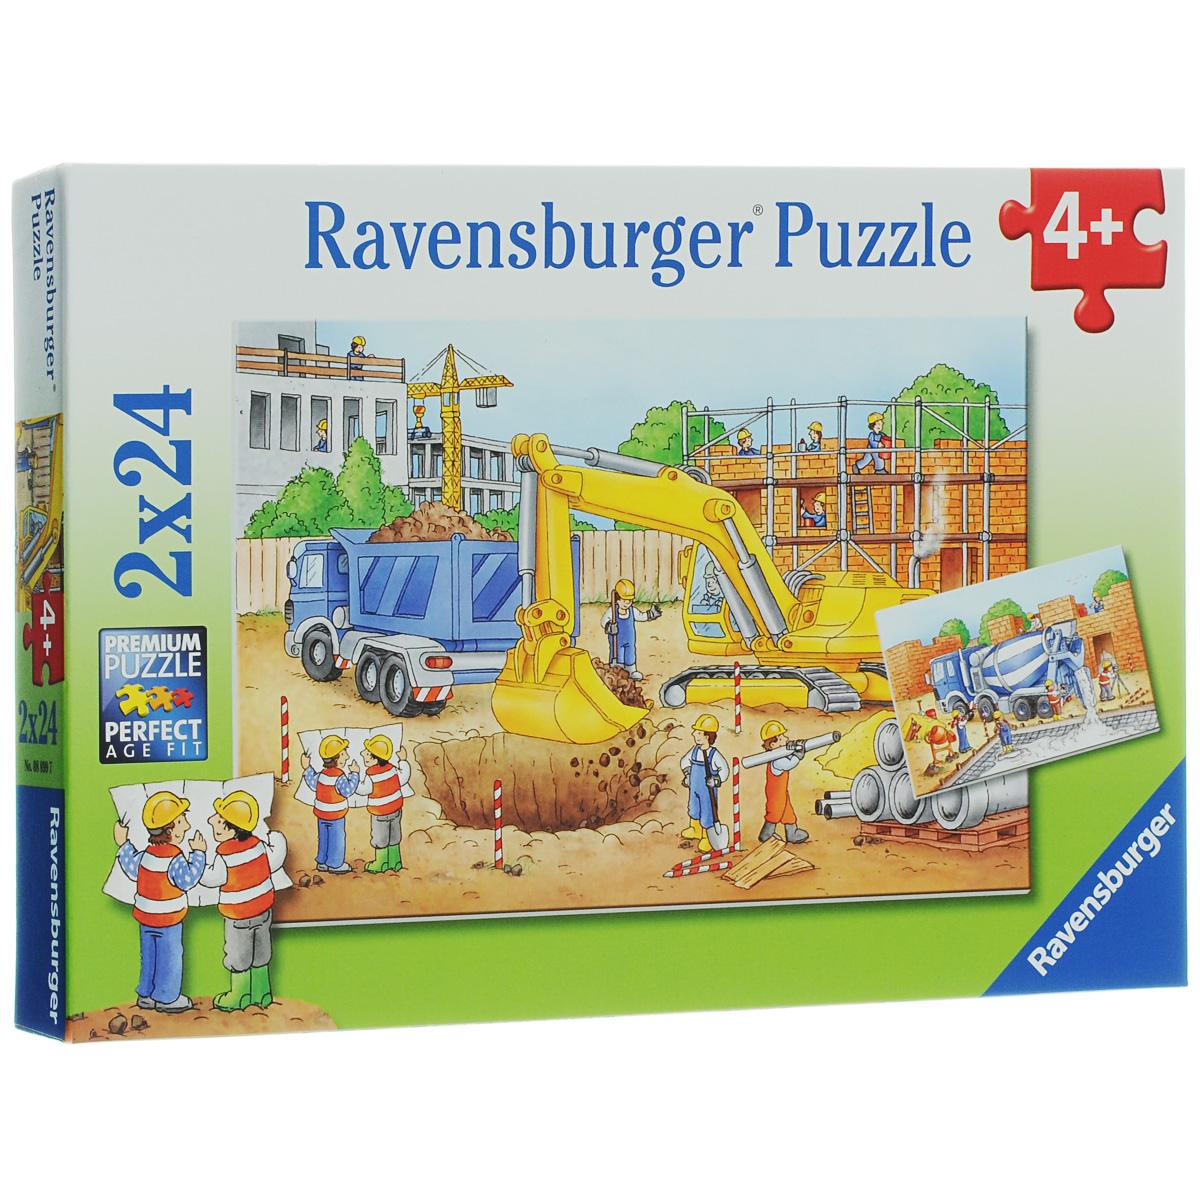 Ravensburger Стройплощадка. Пазл, 2 х 24 элемента08899Пазл Ravensburger Стройплощадка, несомненно, понравится вашему ребенку. Собрав пазлы, каждый из которых включает по 24 элемента, вы получите 2 замечательные картинки с изображением рабочих на строительной площадке. Пазл изготовлен из картона высочайшего качества. Каждая деталь имеет свою форму и подходит только на свое место. Все изображения аккуратно отсканированы и напечатаны на ламинированной бумаге. В комплект также входят 2 мини-плаката. Пазлы - замечательная развивающая игра для детей. Собирание пазла развивает у ребенка мелкую моторику рук, тренирует наблюдательность, логическое мышление, знакомит с окружающим миром, с цветом и разнообразными формами, учит усидчивости и терпению, аккуратности и вниманию. Детские пазлы Ravensburger идеально подходят для малышей и позволяют из развить важные навыки, которые непременно пригодятся им во взрослой жизни.